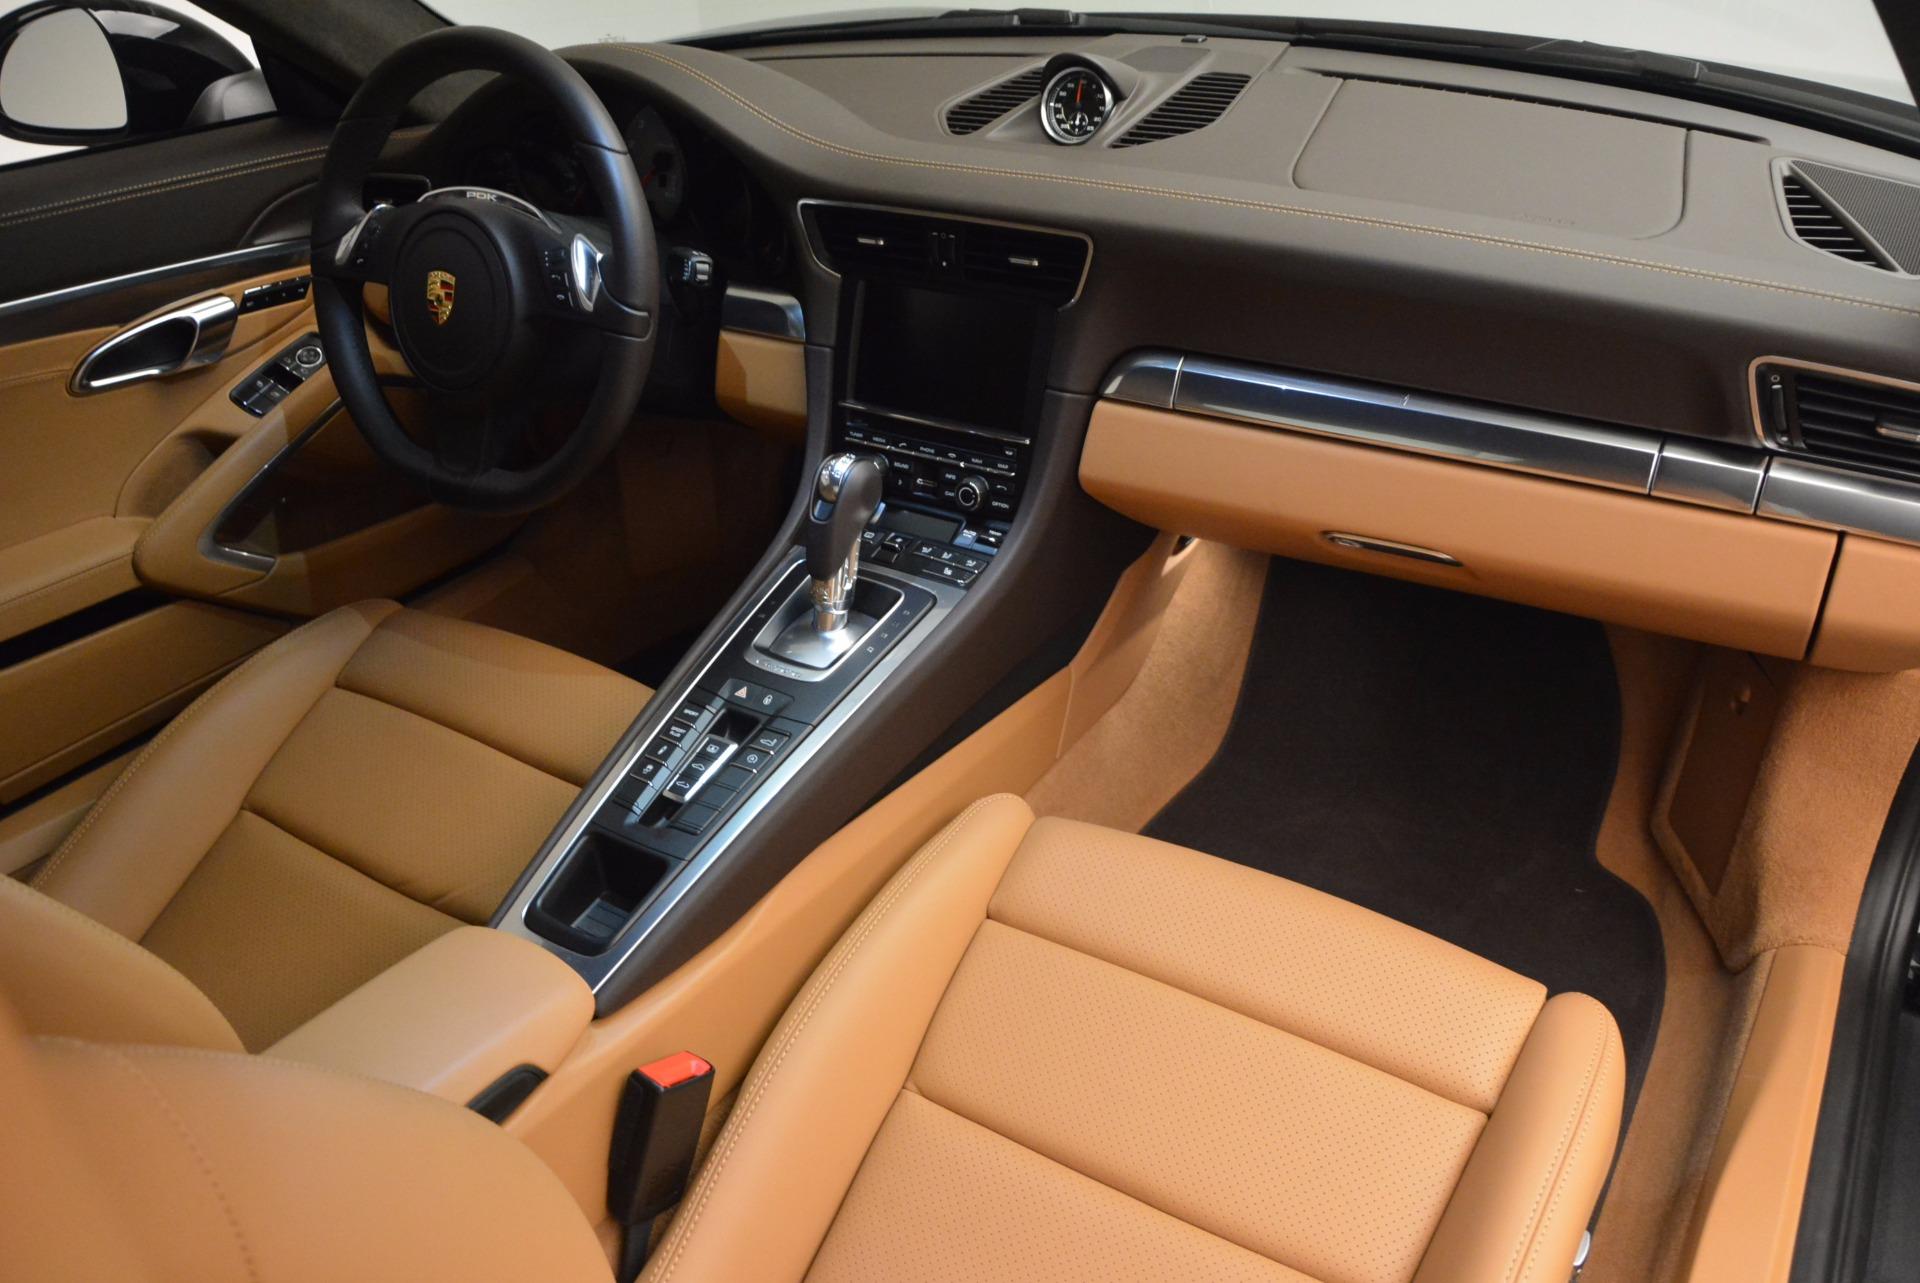 Used 2014 Porsche 911 Carrera 4S For Sale In Greenwich, CT 1076_p15